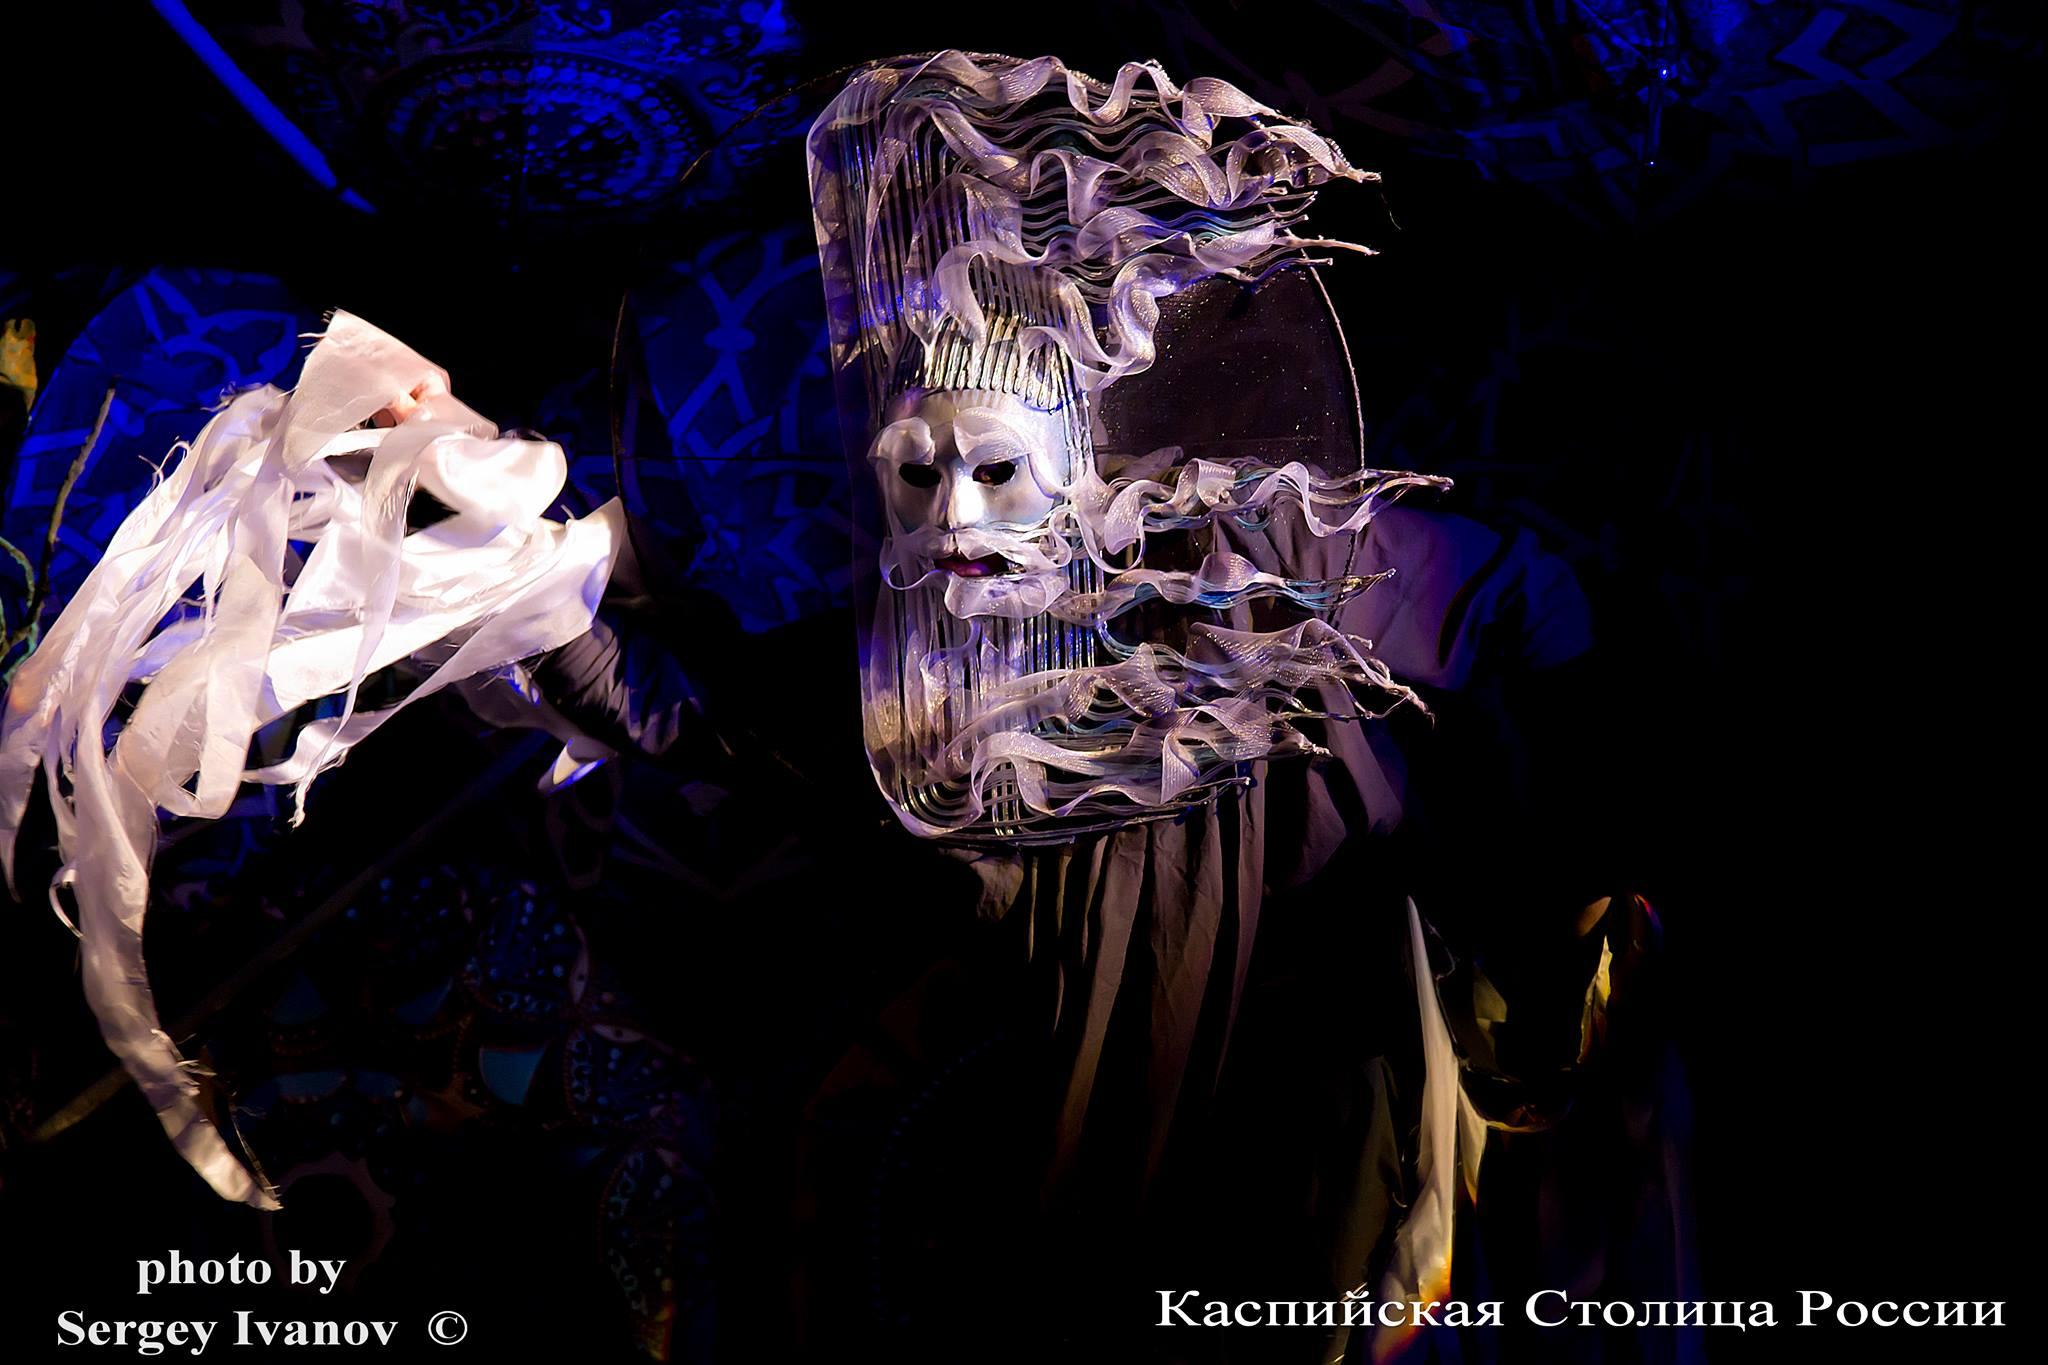 Фотография из спектакля Тайна белого лотоса